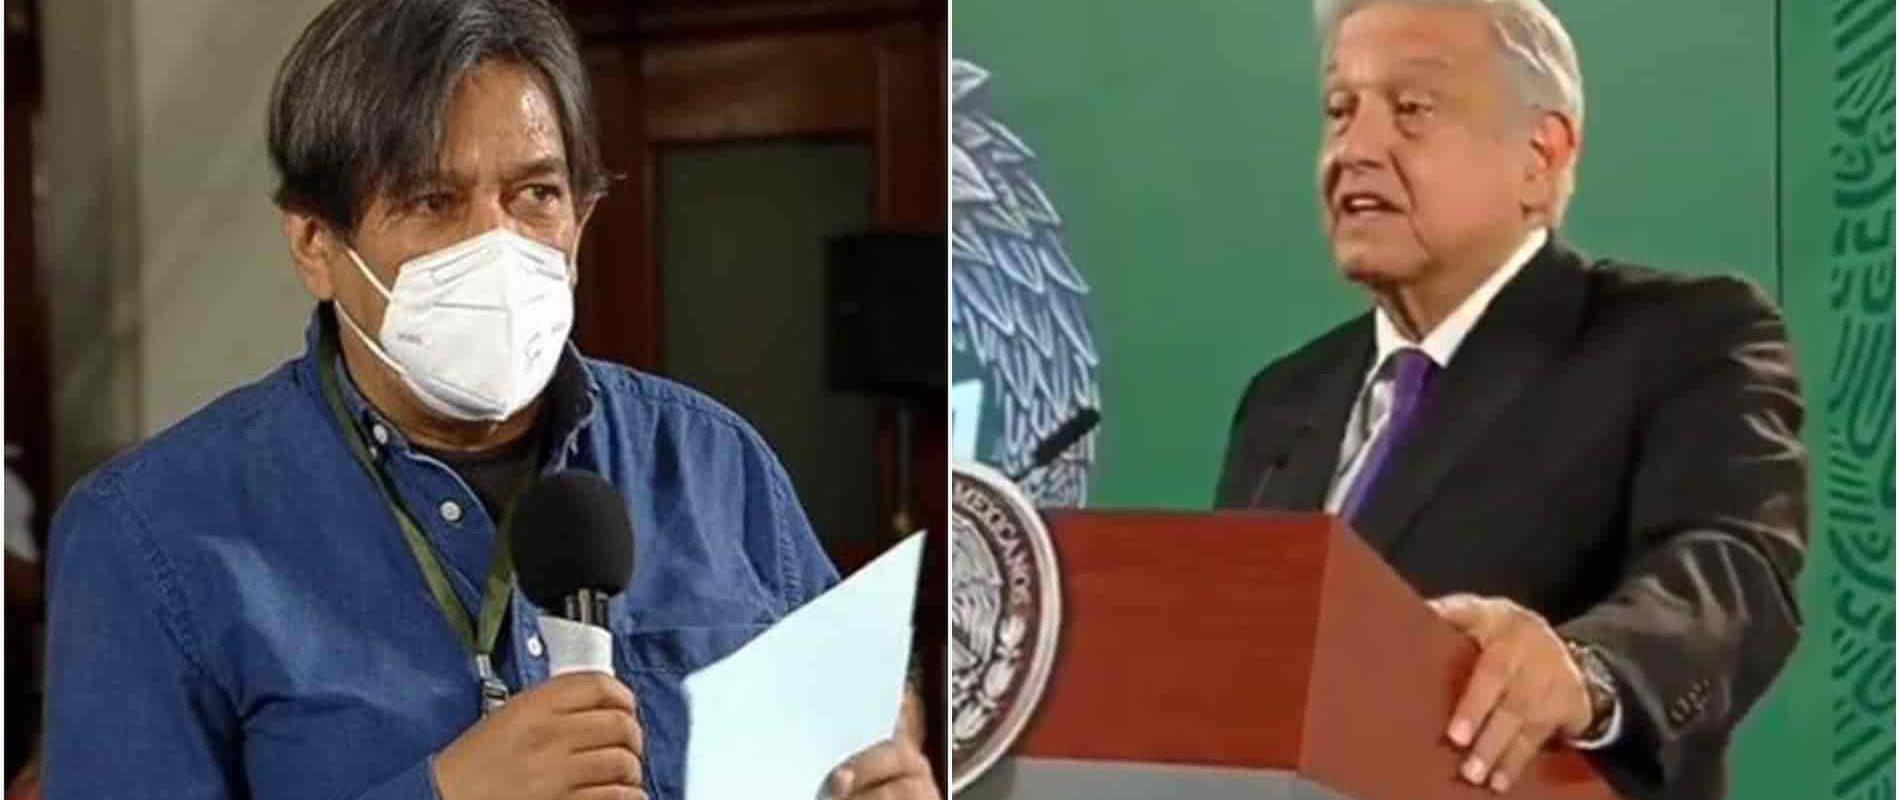 El presidente no es un títere, no lo vamos a permitir: AMLO a Astillero sobre concesiones